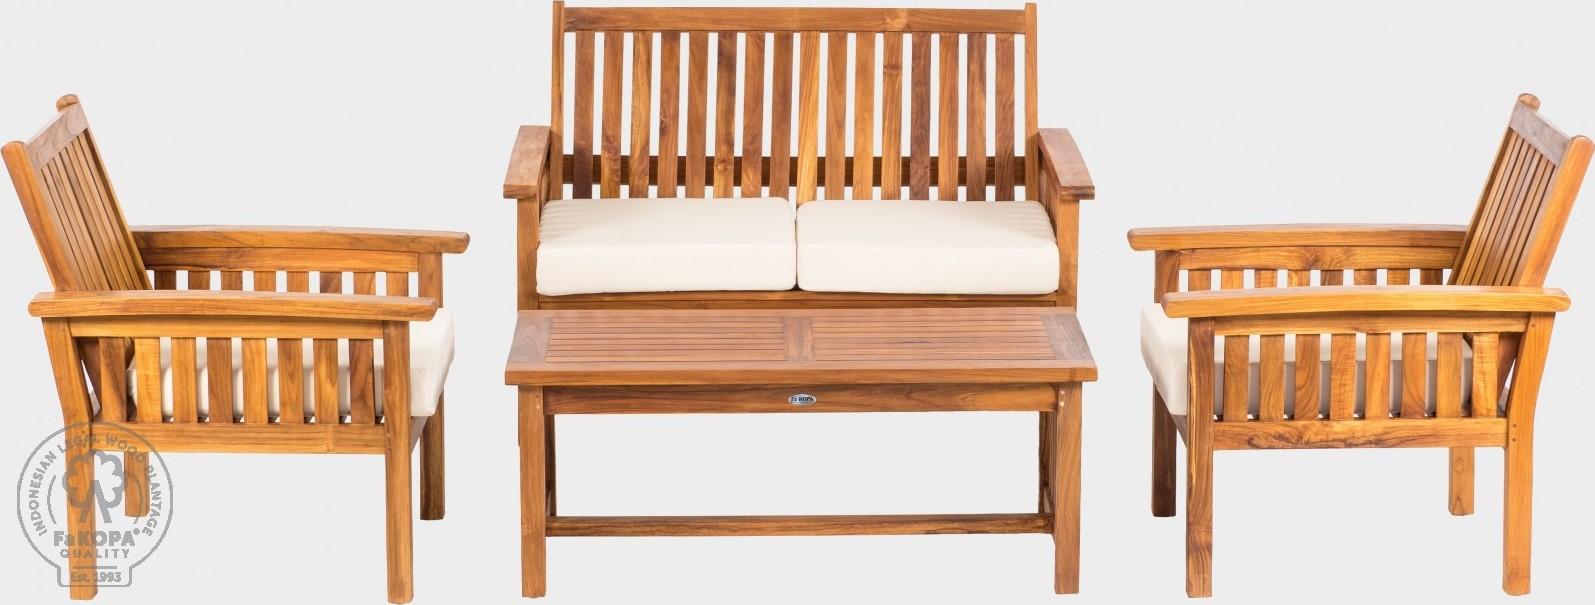 FaKOPA Dřevěný konferenční stolek na venkovní použití Rosa